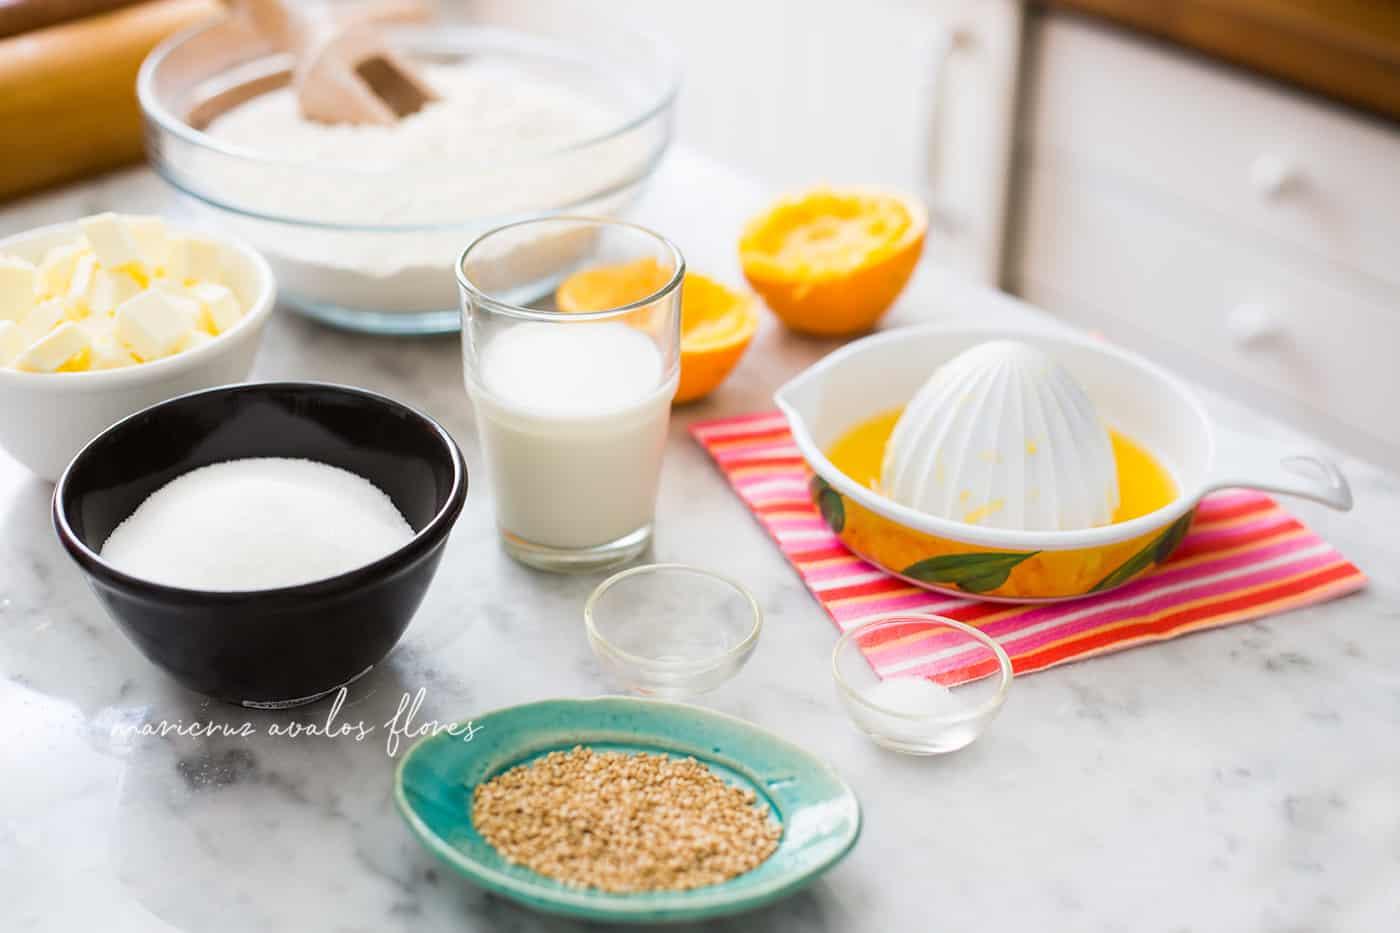 Pan de Muerto Receta Mexicana Casera - Ingredientes listos para preparar la receta.